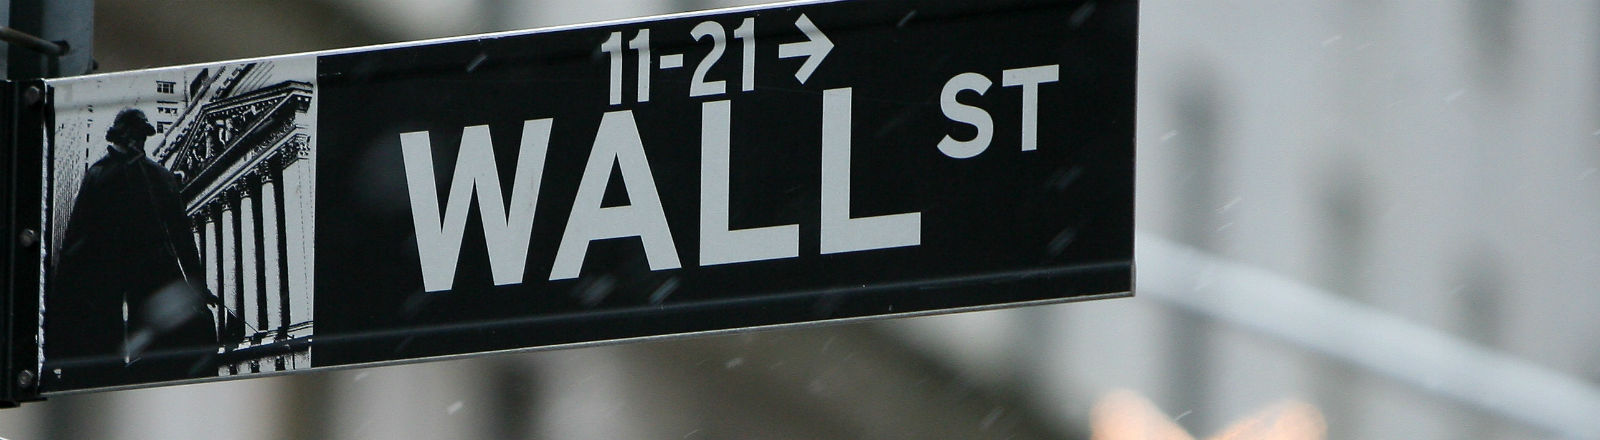 Ein Straßenschild, auf dem Wall Street steht. Bild: dpa